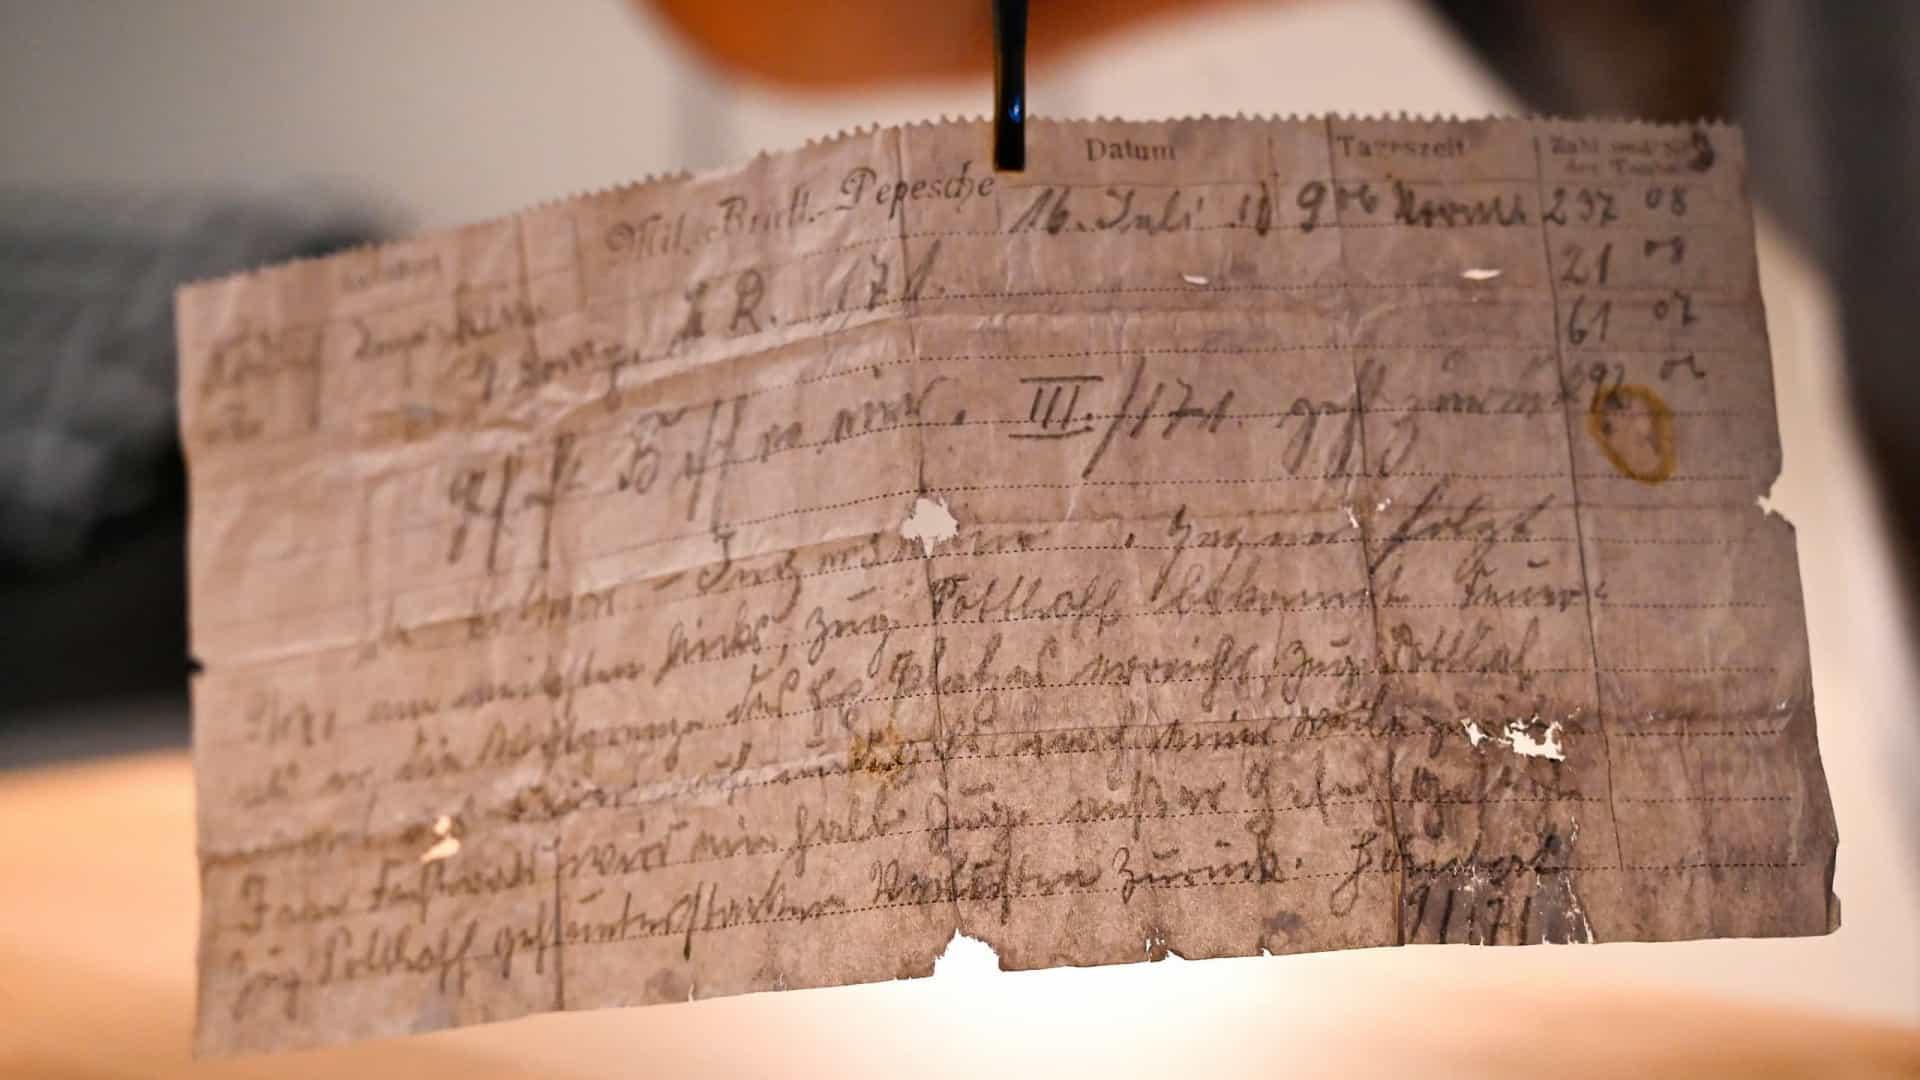 mensagi - Mensagem de pombo-correio com mais de 100 anos descoberta